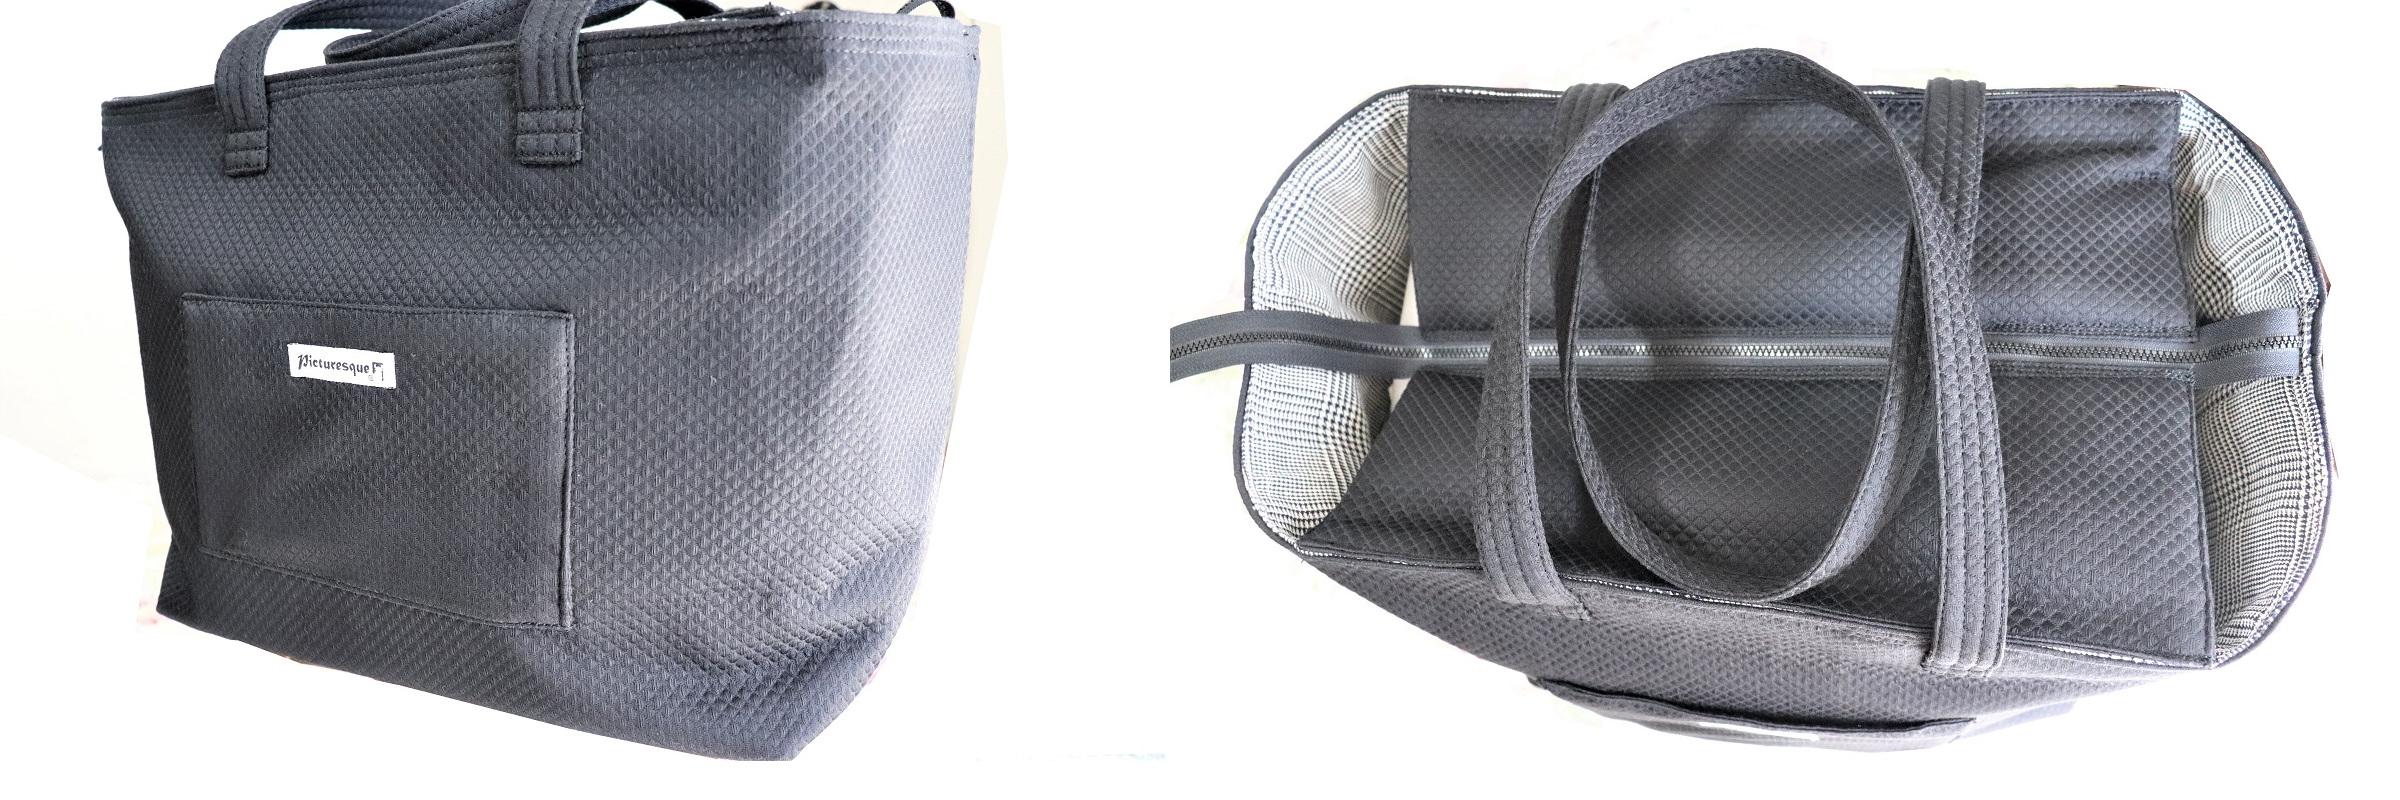 バイカーさんいらっしゃーい、インテリアに素敵に収納できるヘルメットバッグお作りしています